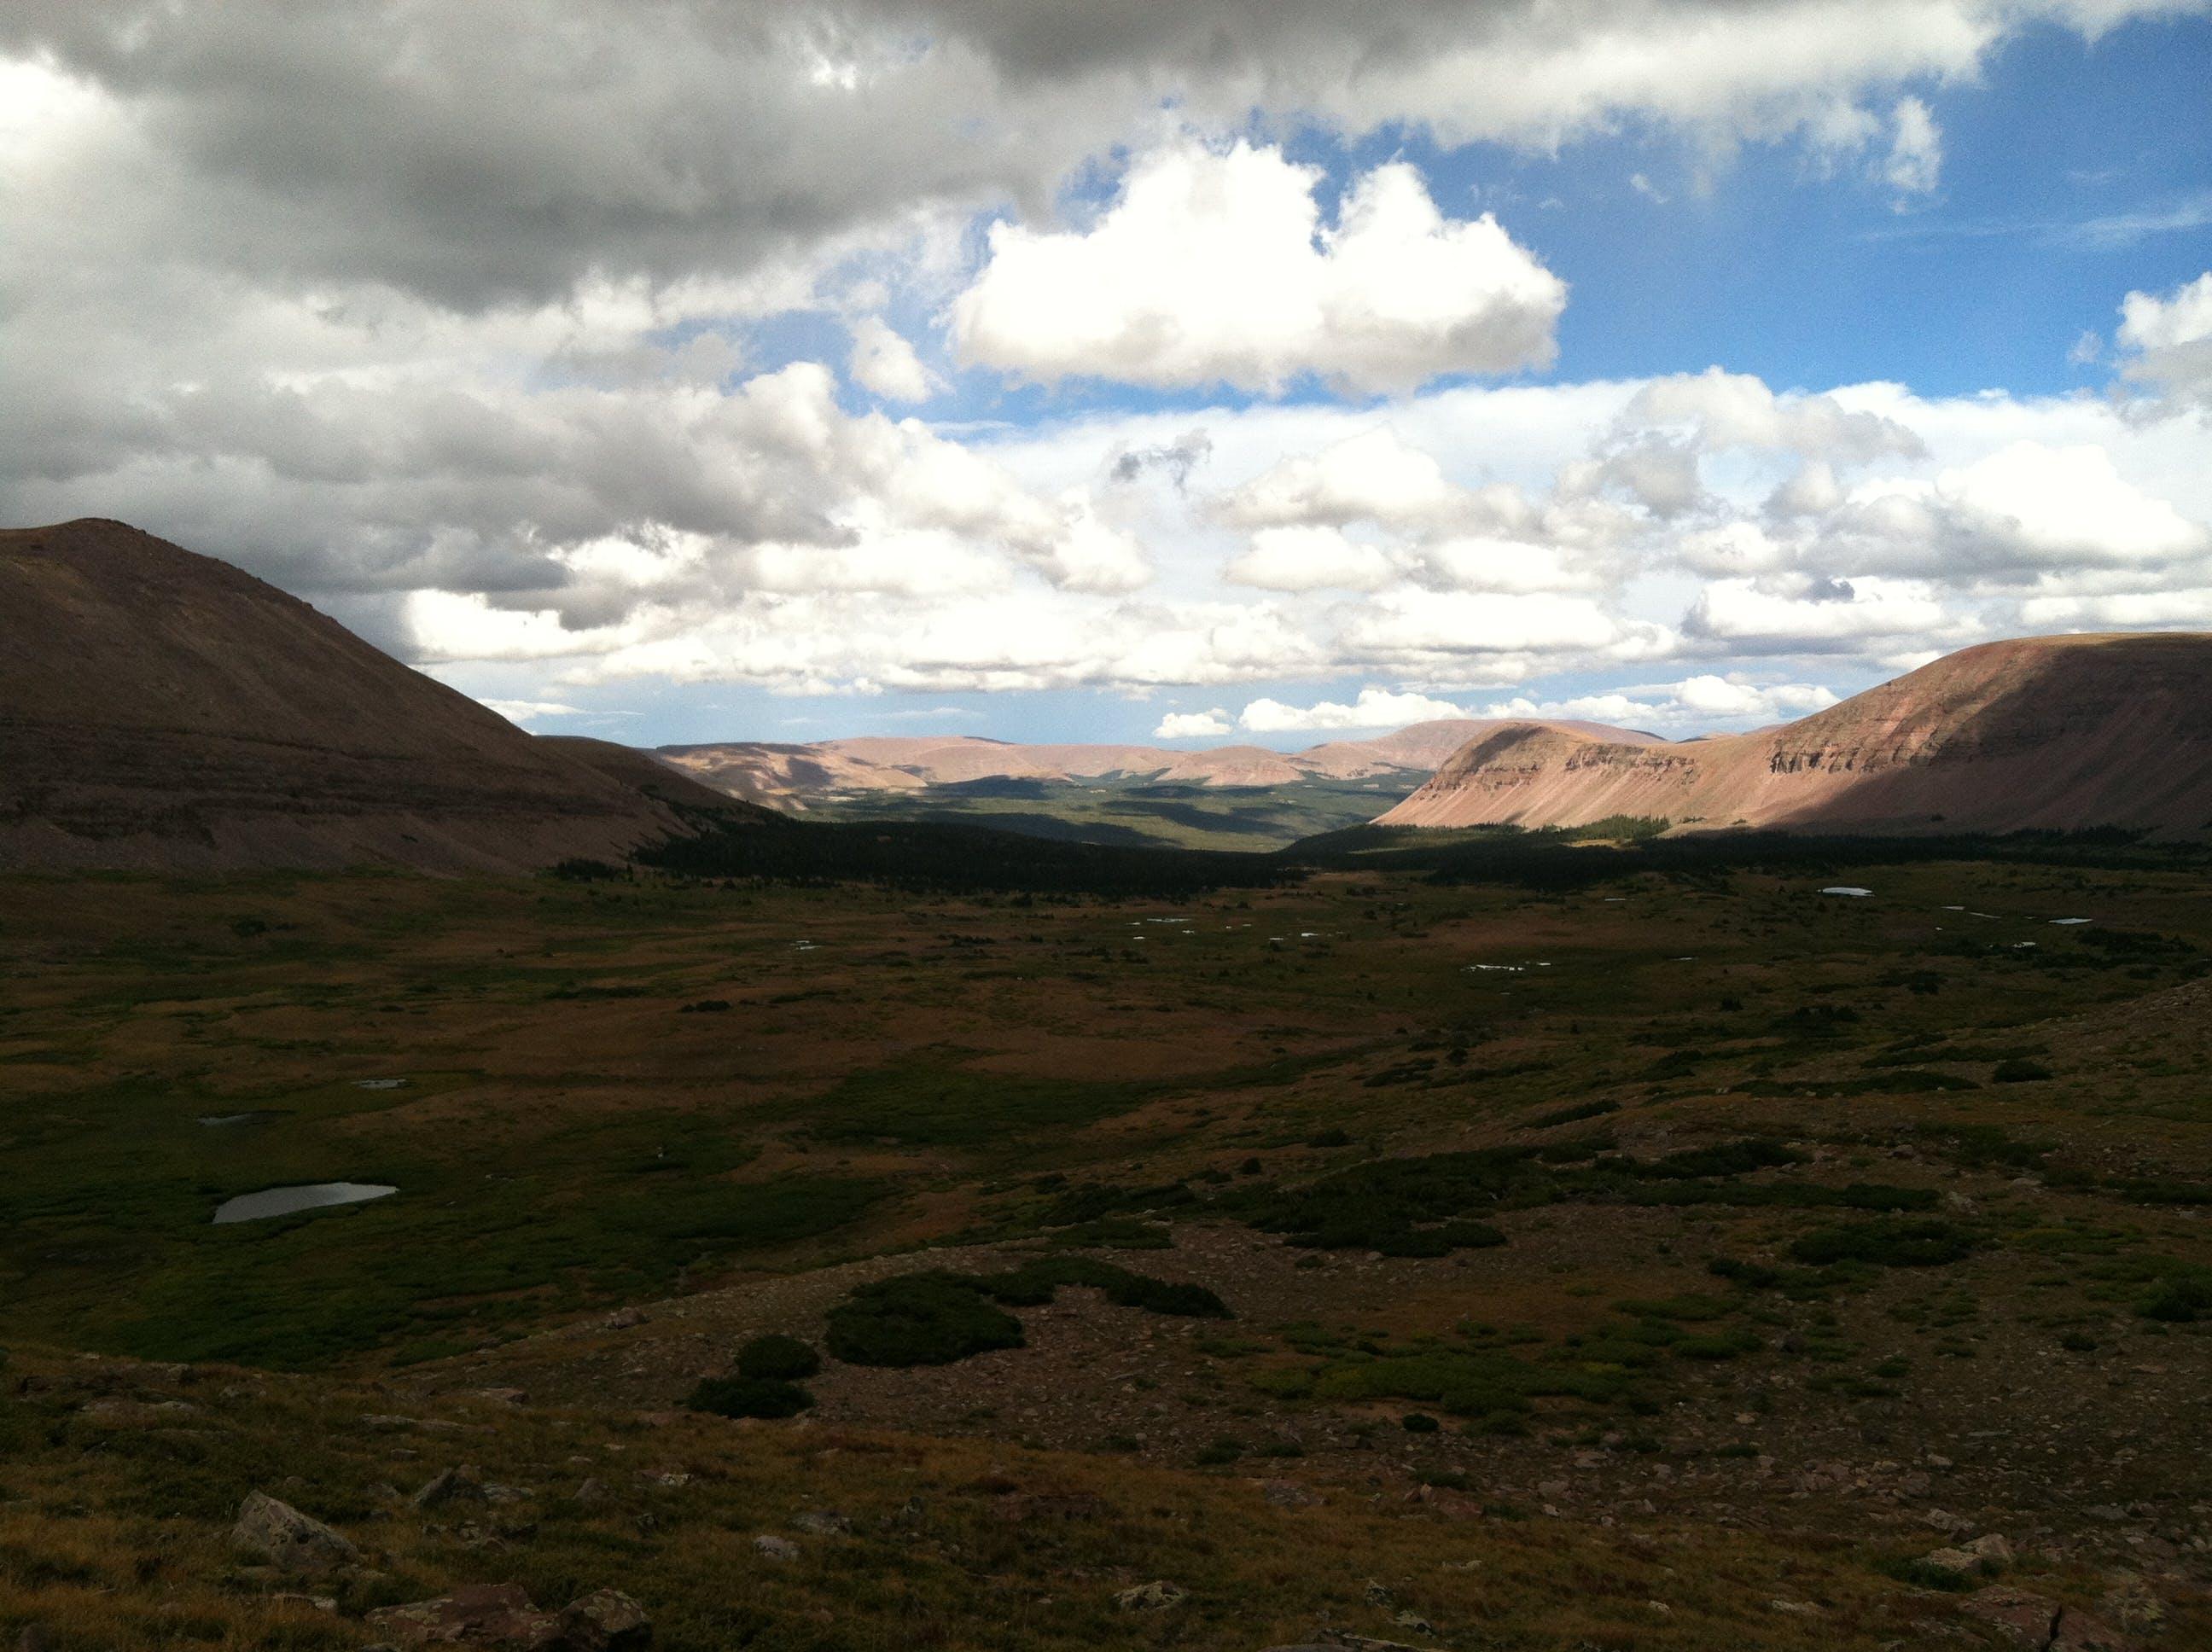 Free stock photo of Joe Leineweber, uinta mountains